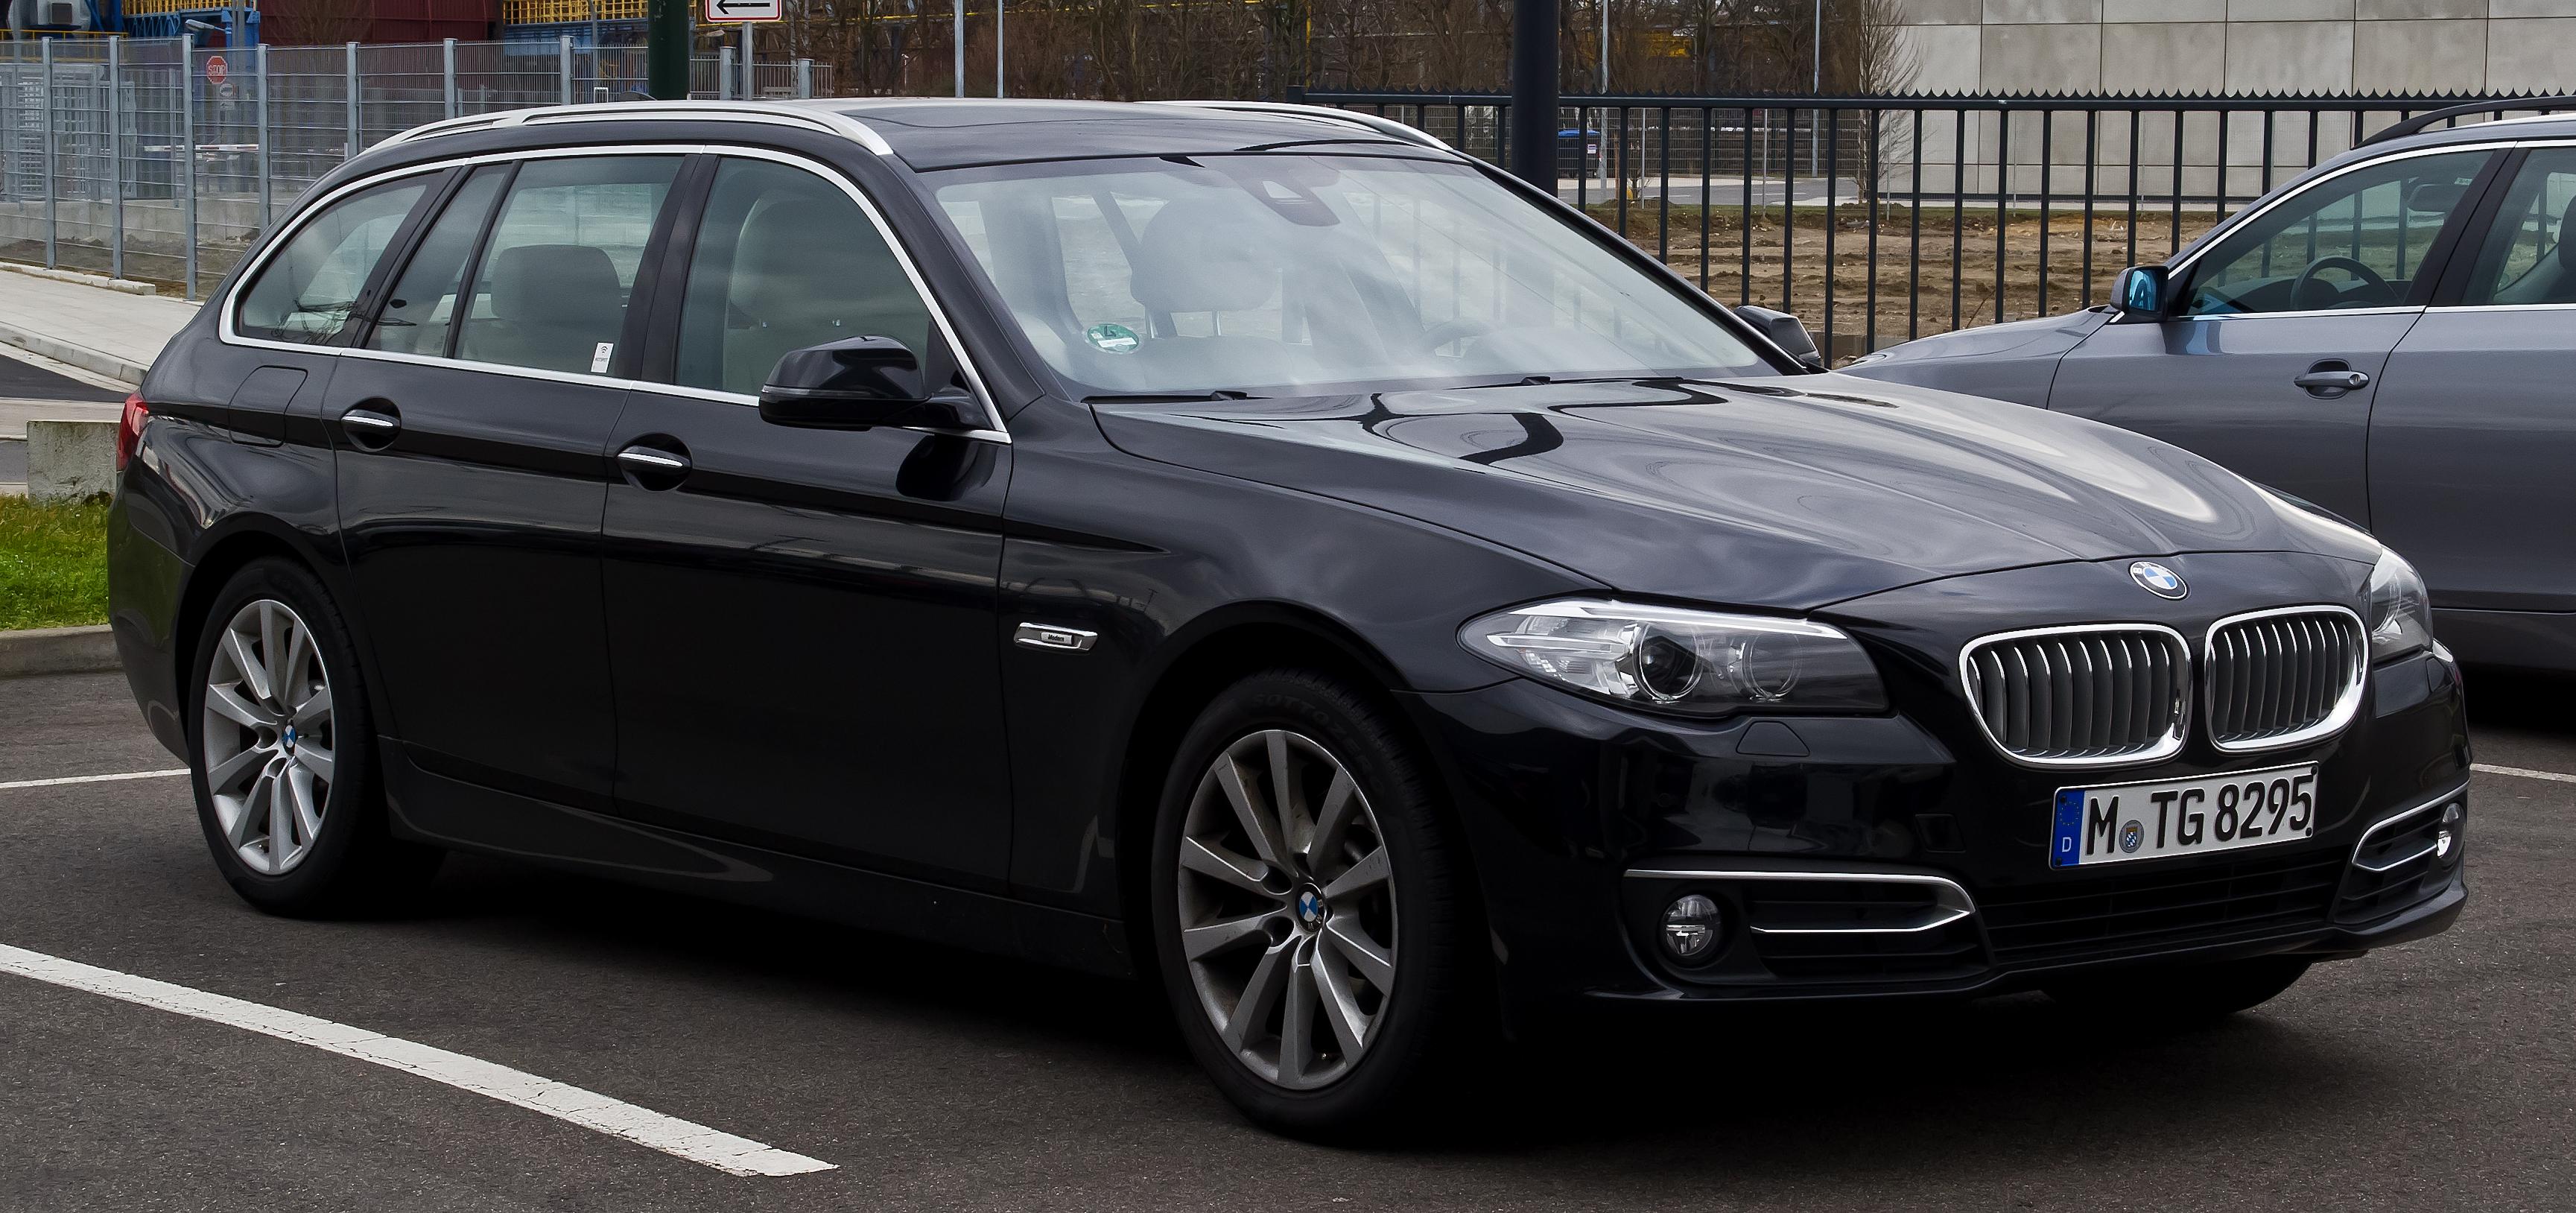 File:BMW 520i Touring Modern Line (F11, Facelift ...